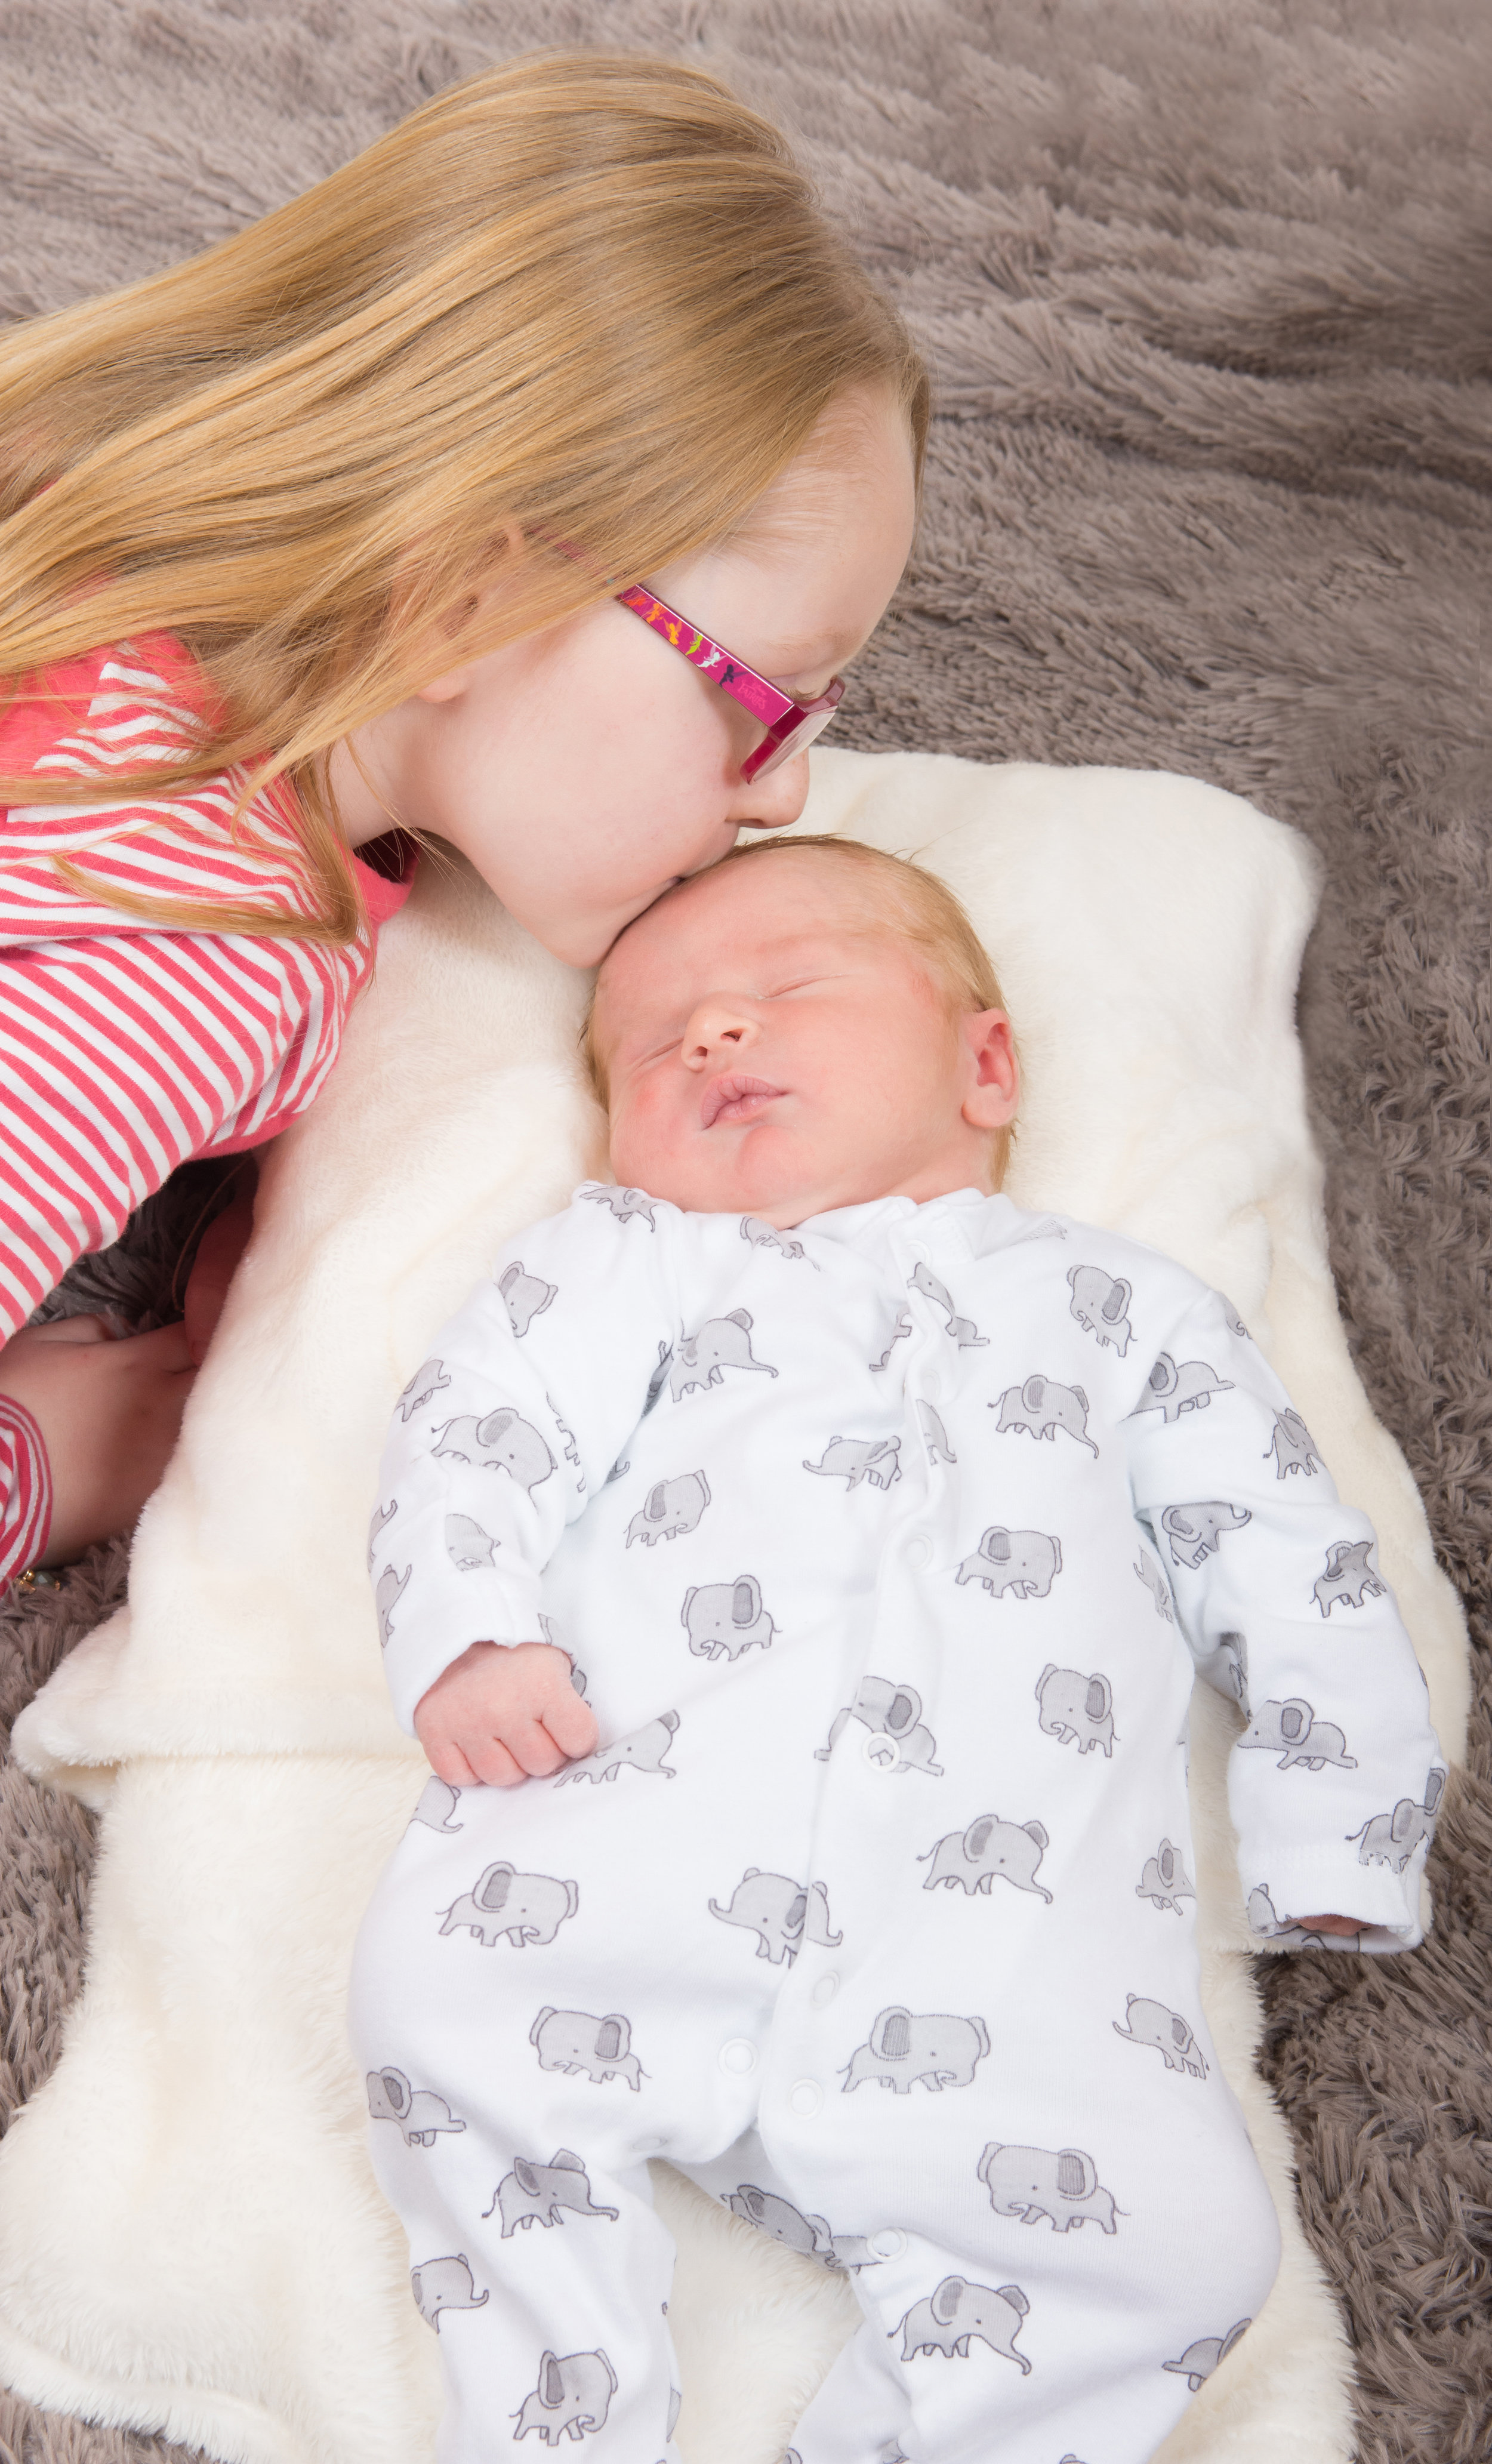 Baby George-021-2.jpg